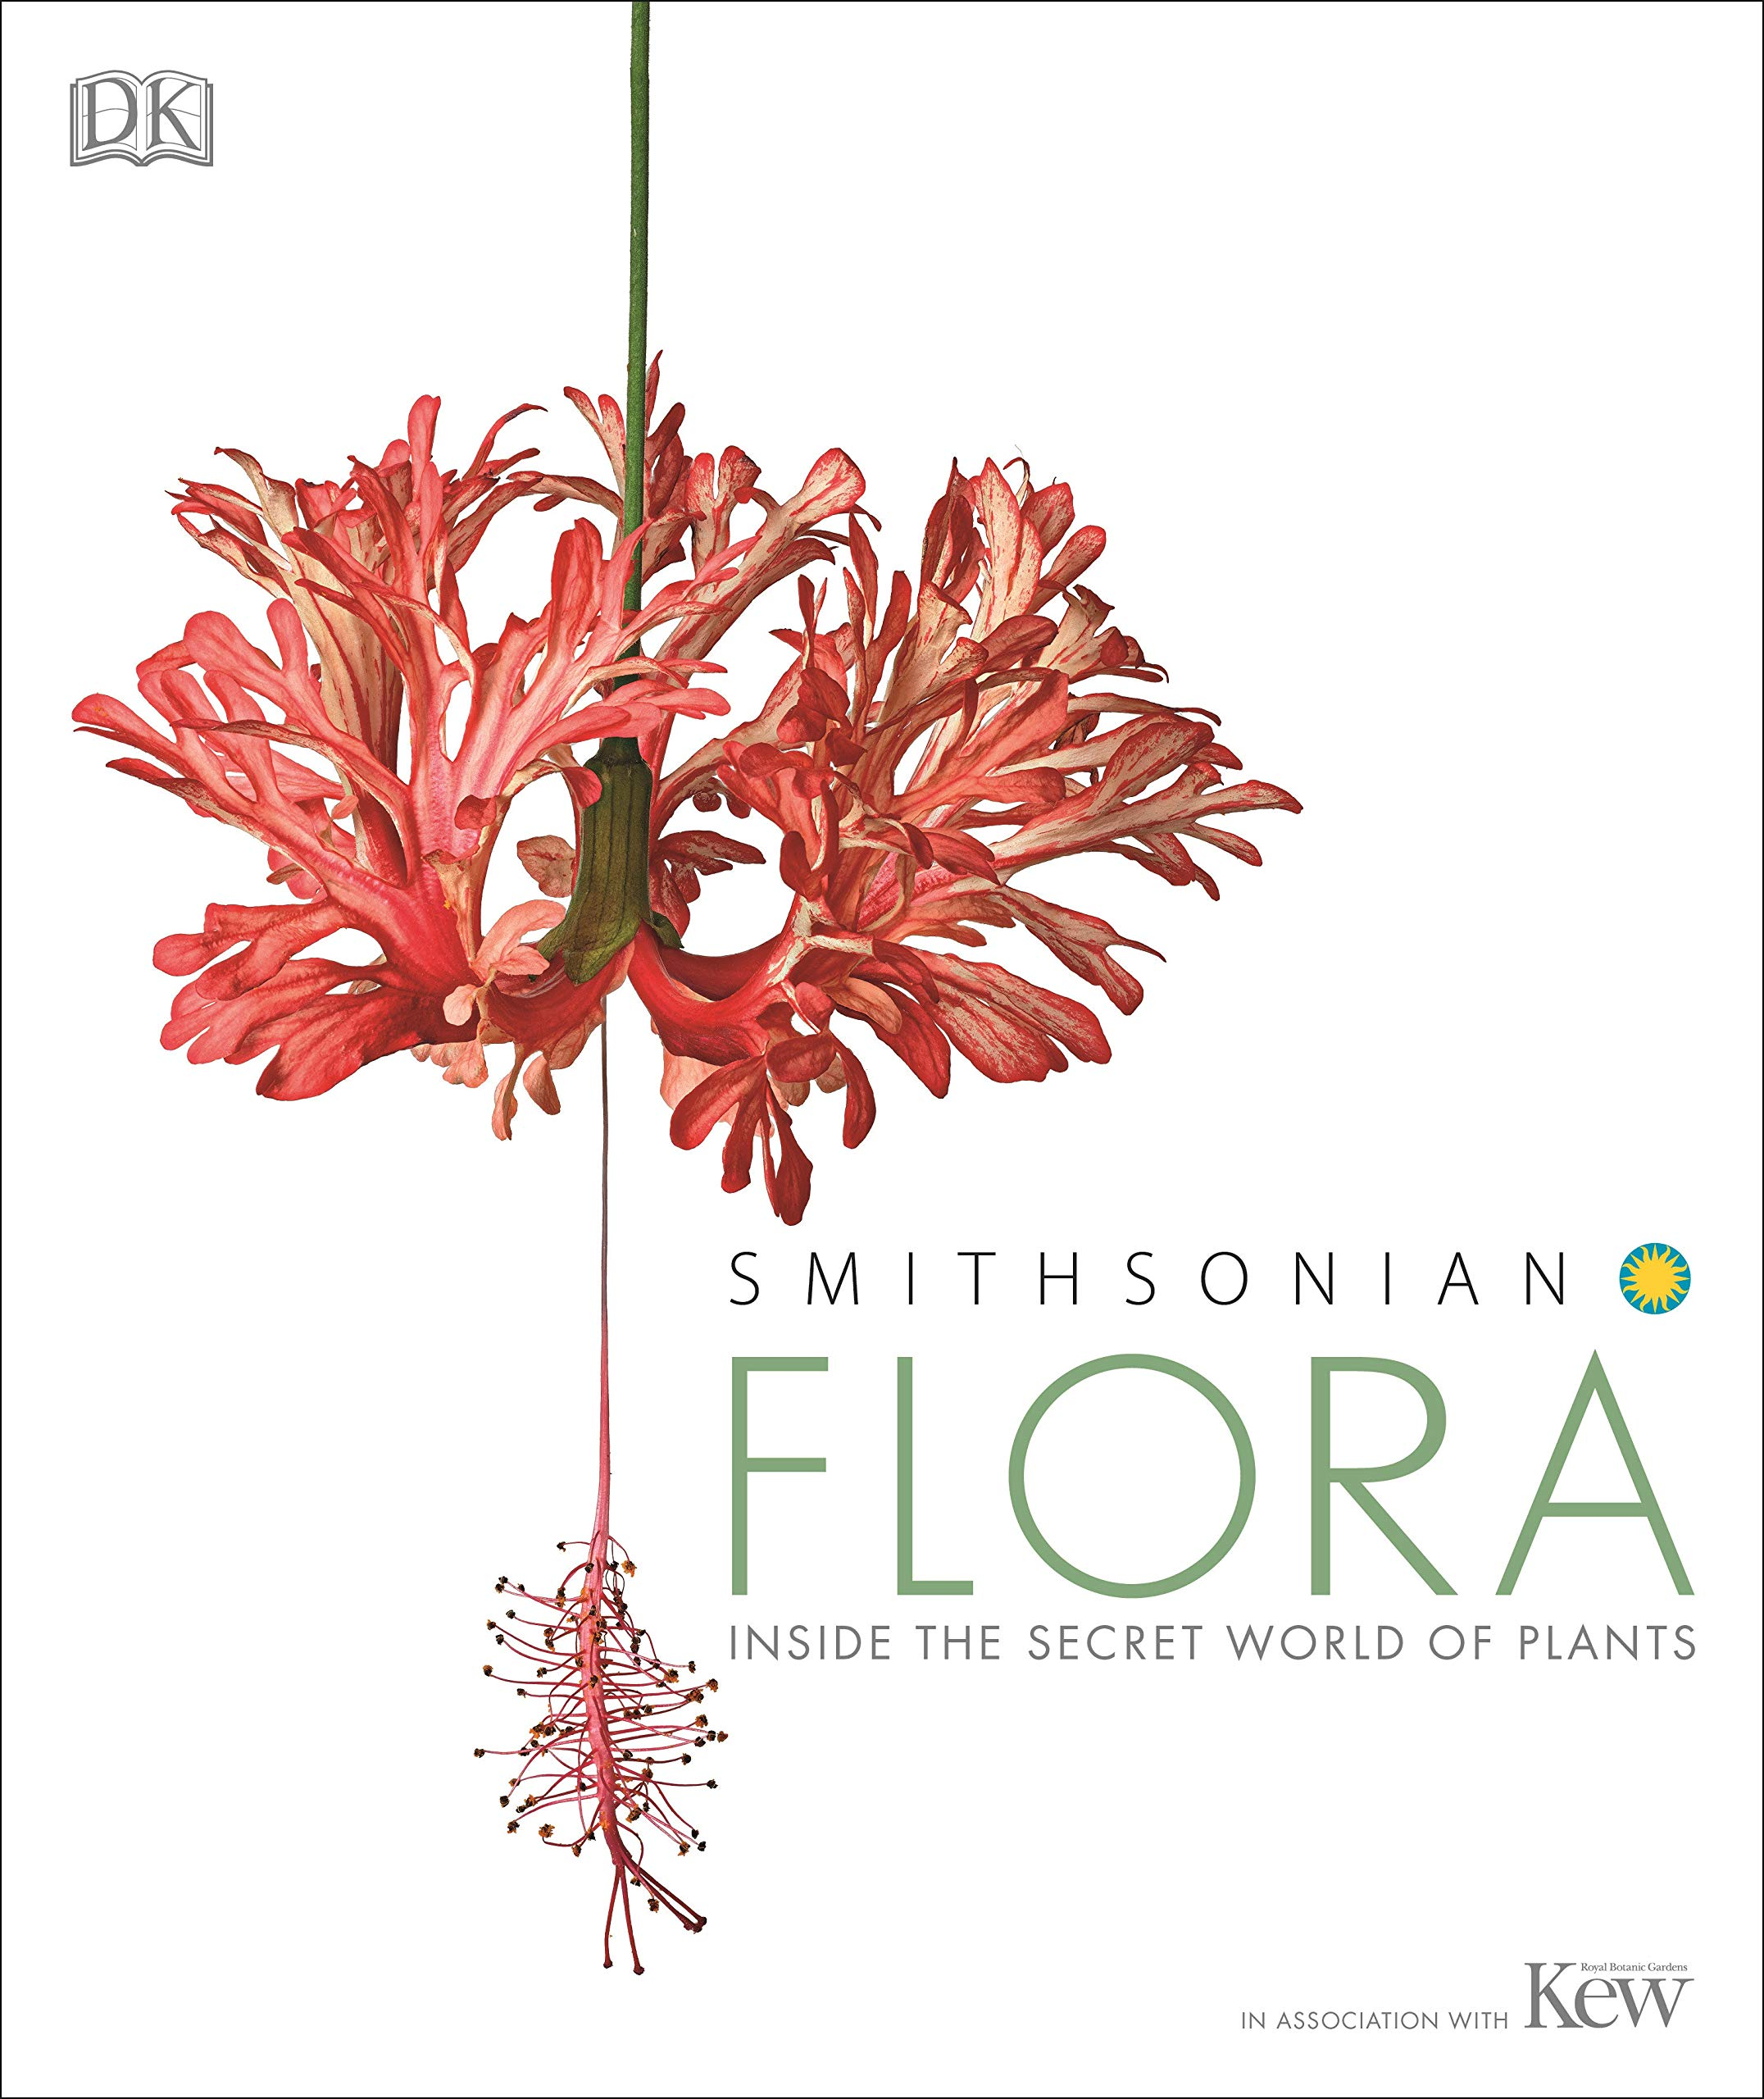 Flora: Inside the Secret World of Plants by DK